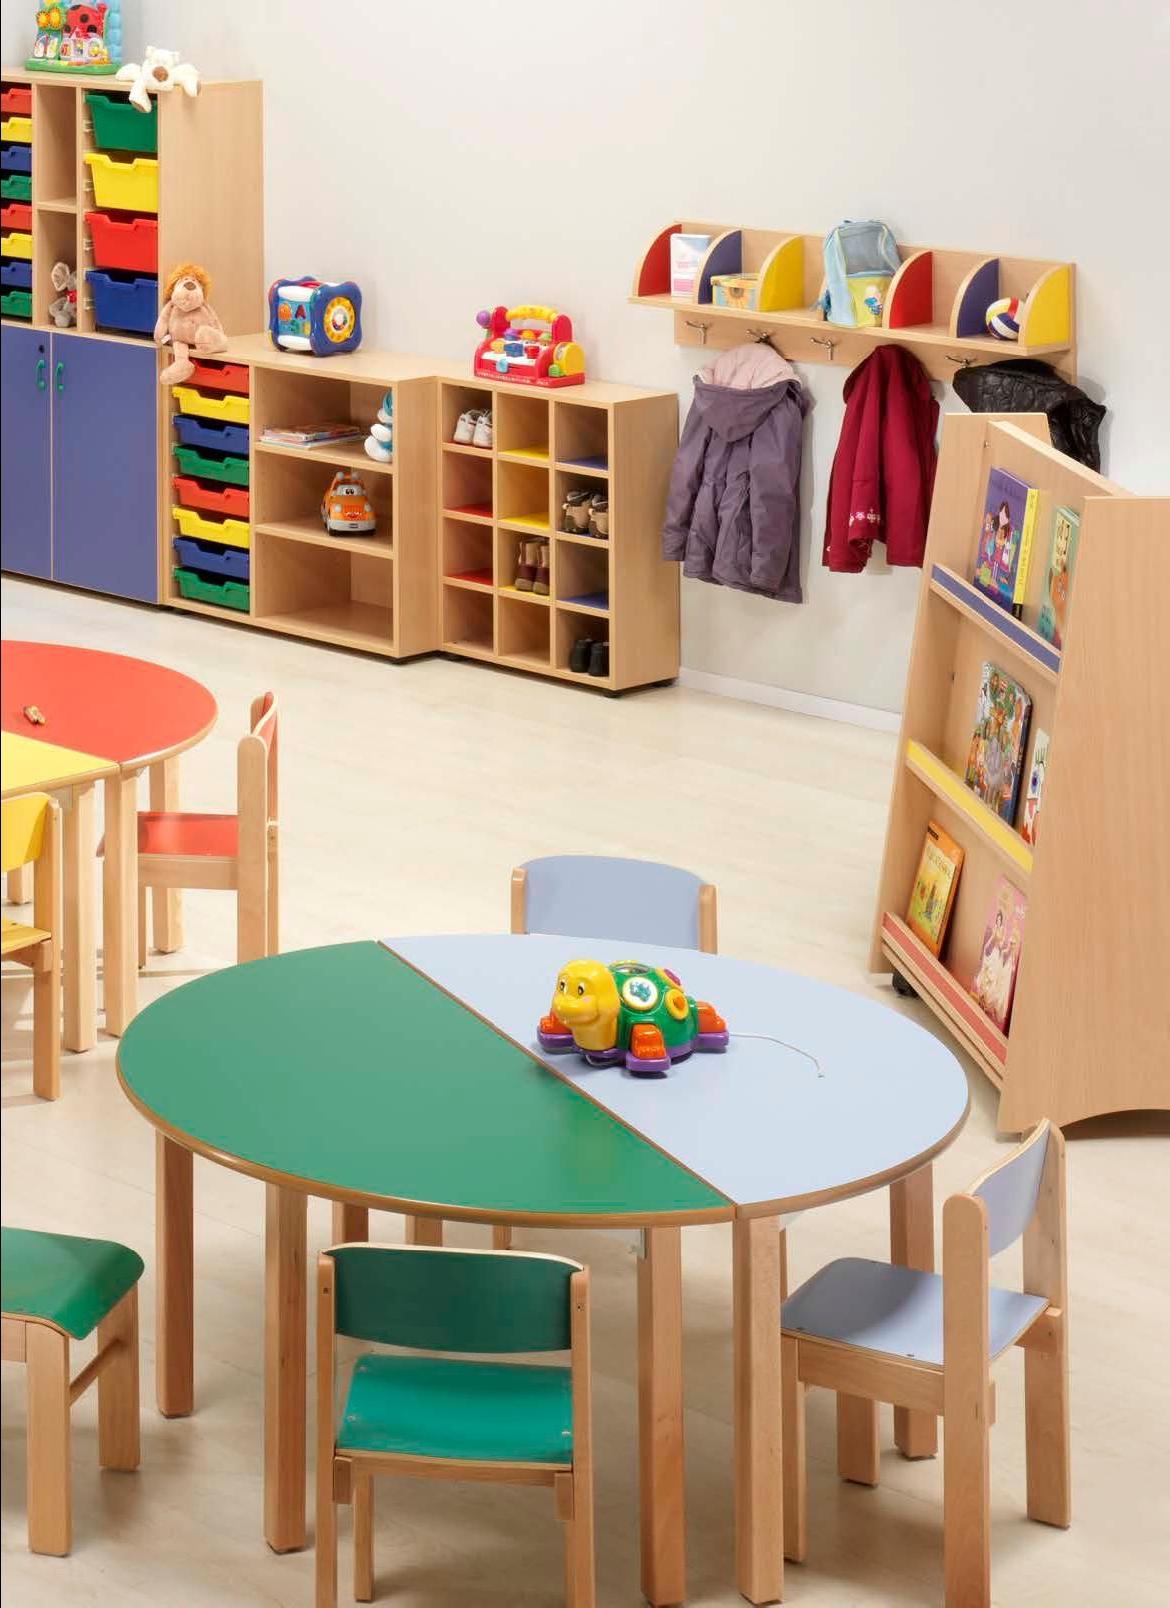 Mobiliario Escolar Infantil Irdz Actividades Para Estimular La Motricidad En Los Nià Os Children S